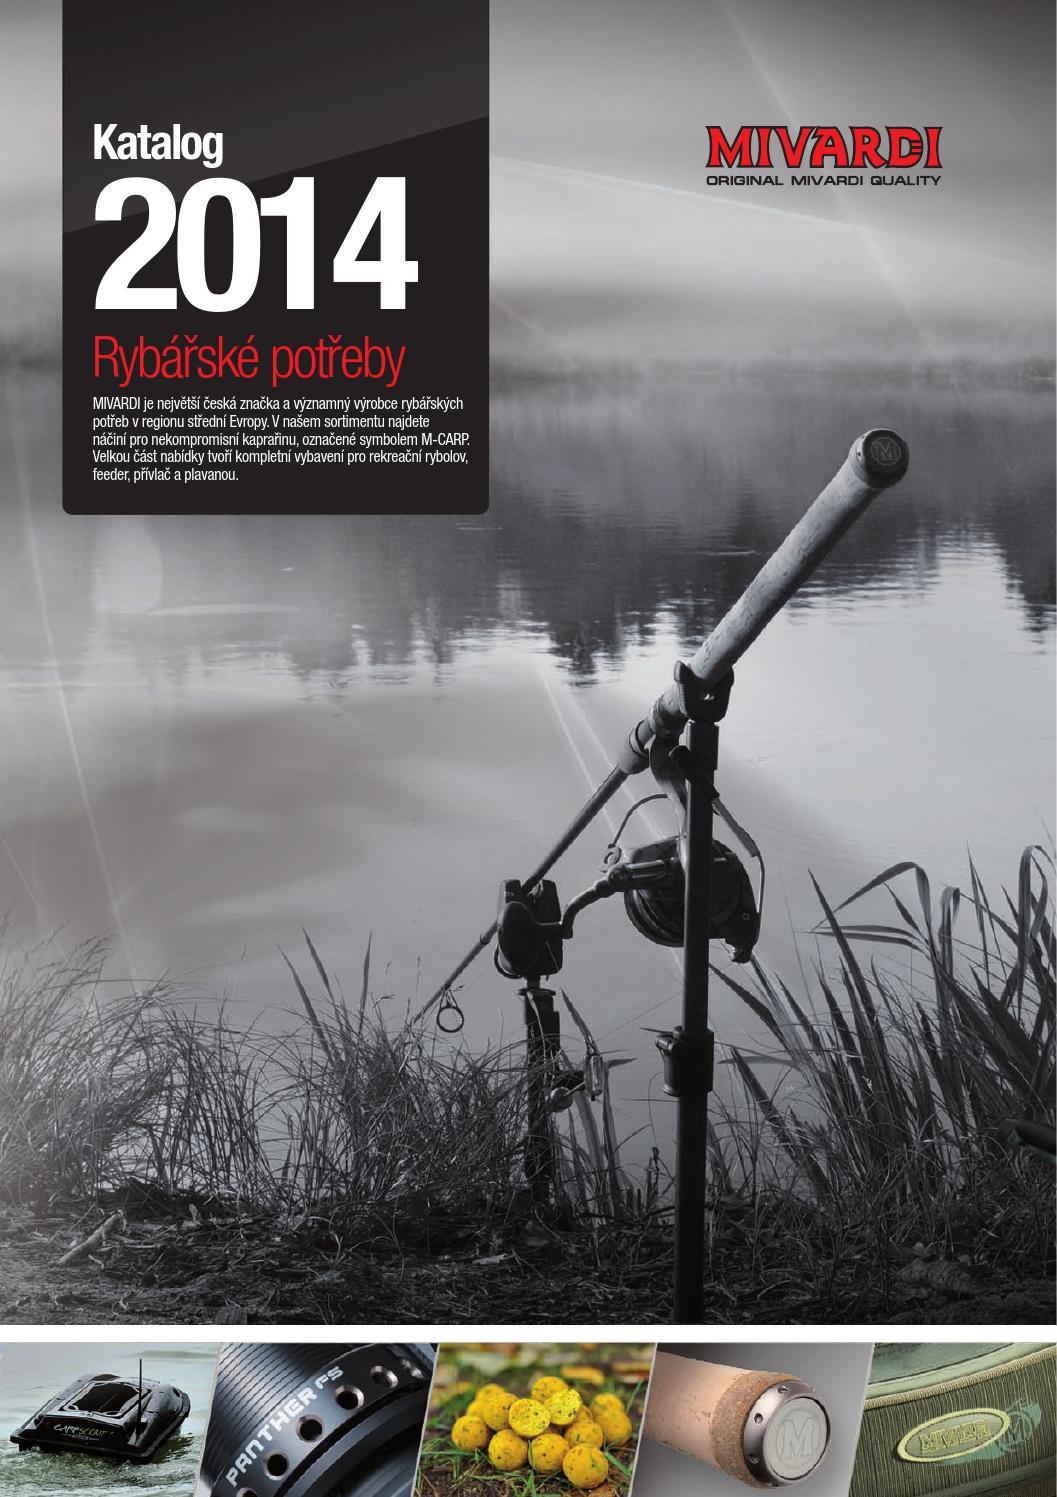 Catalogue Mivardi 2014 cz by Mivardi issuu